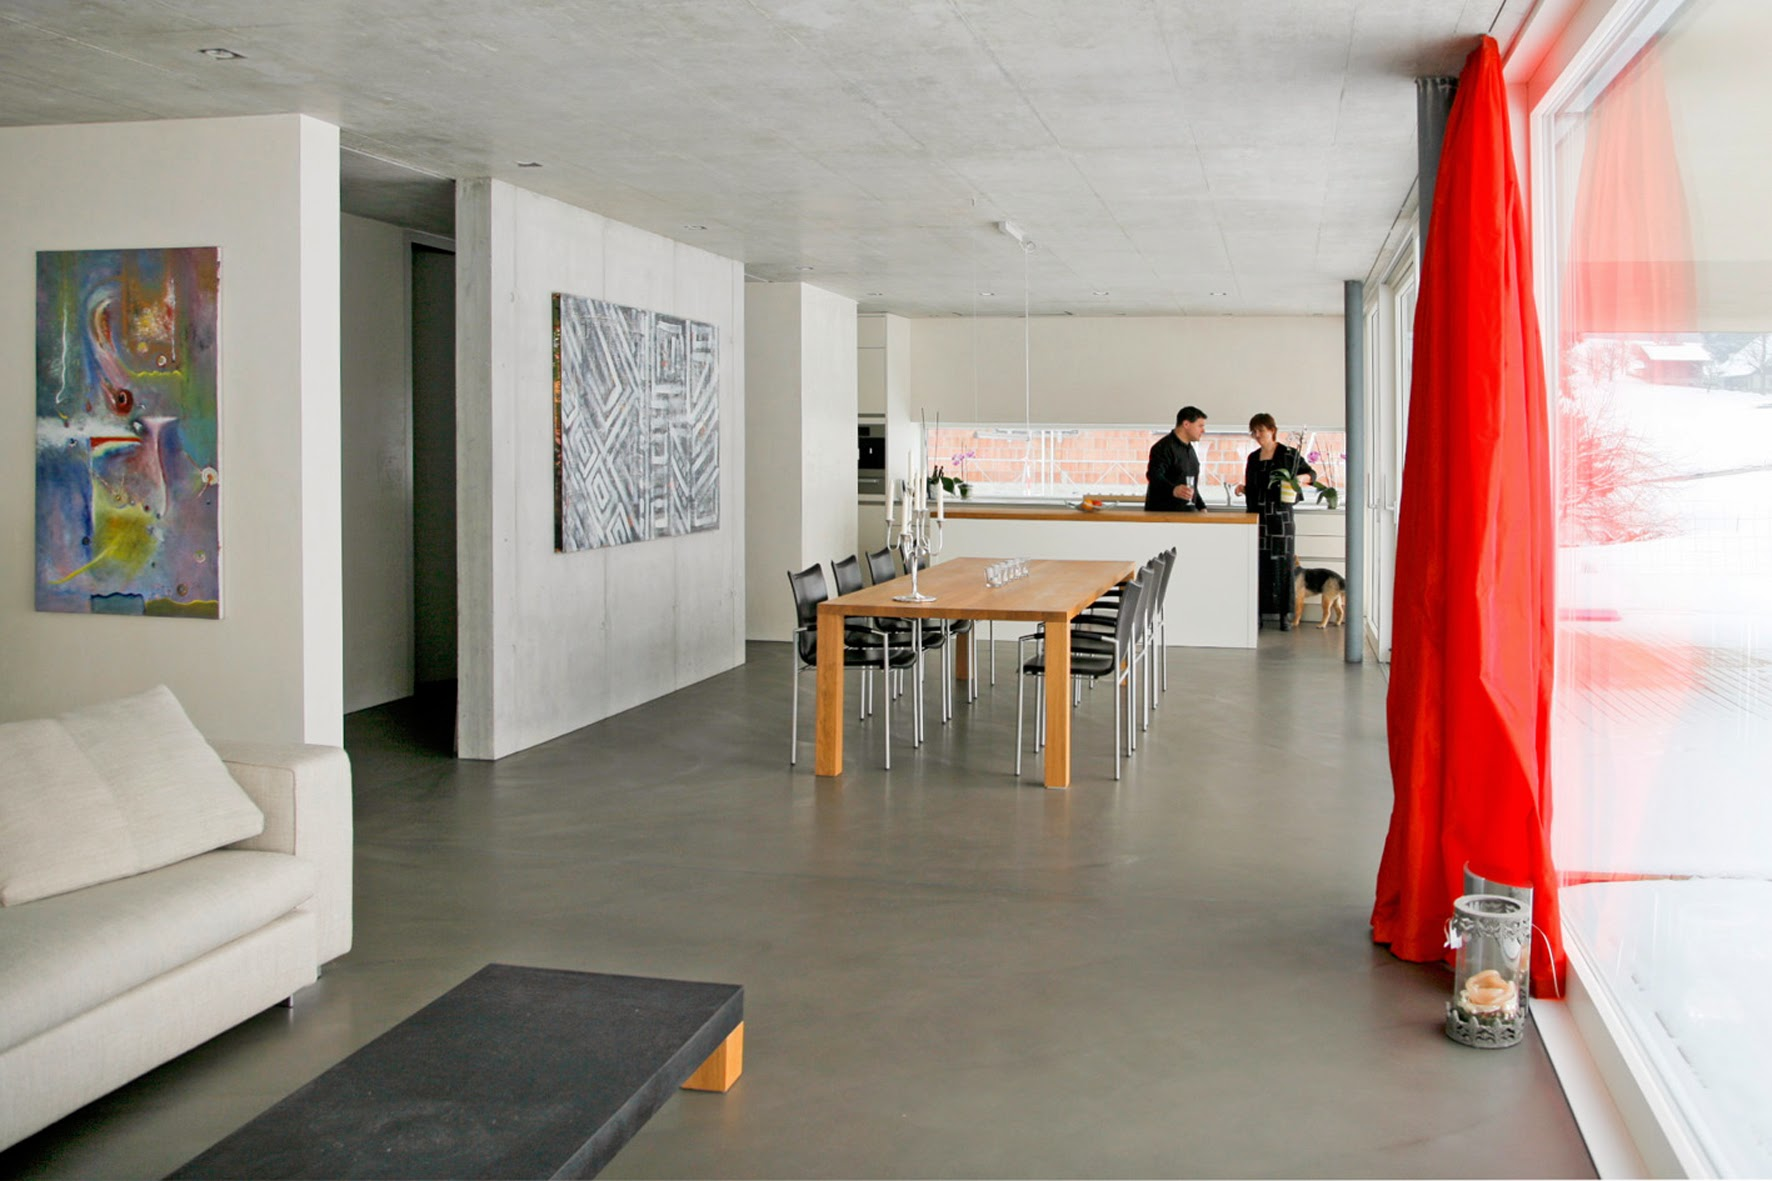 Kunstharz Bodenbelag kunstharz bodenbelag finest die firma resinafloor ist ein unsere